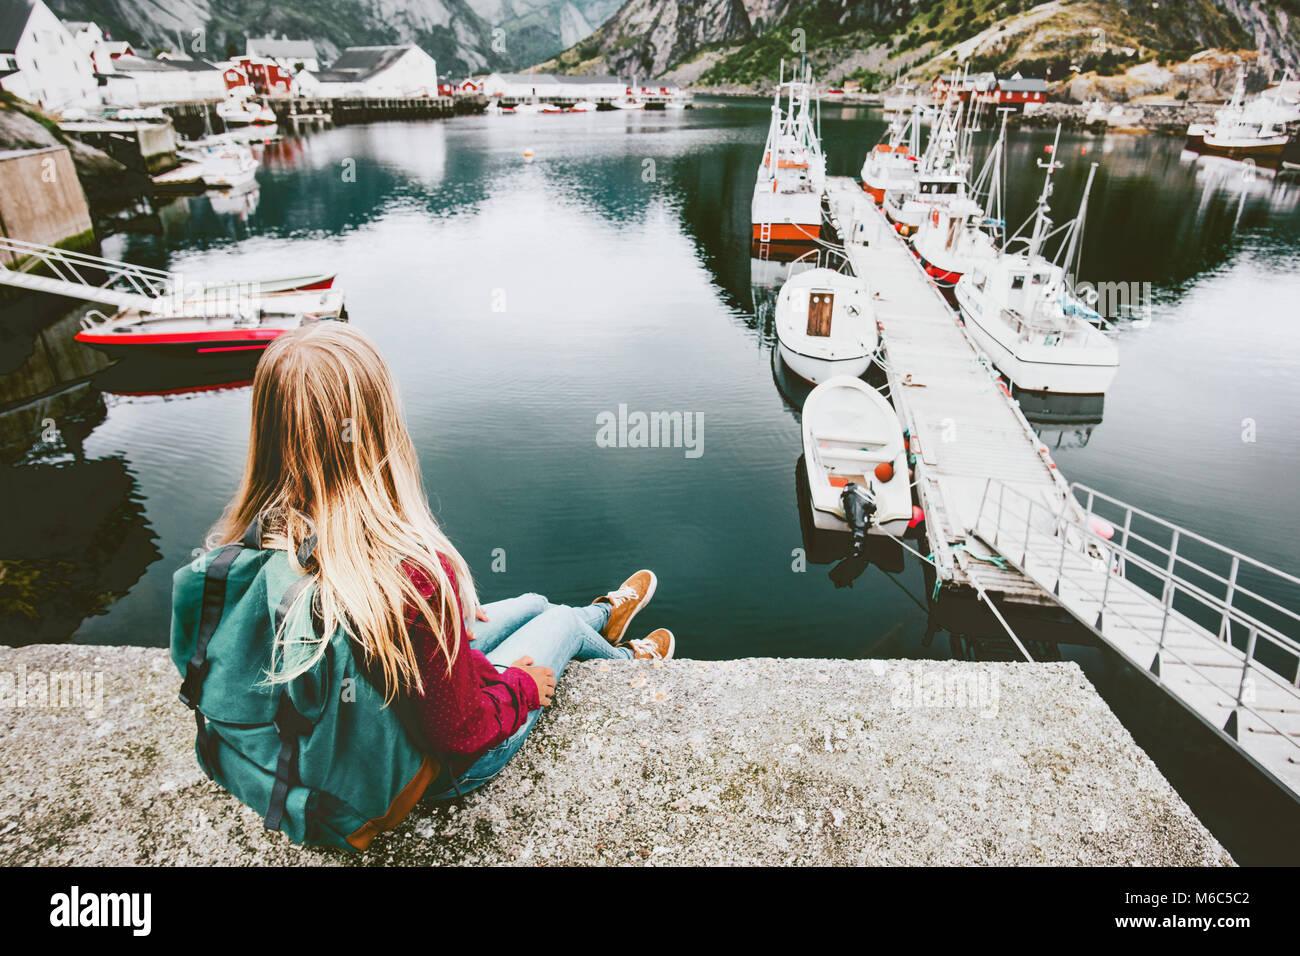 Femme blonde avec sac à dos détente sur pont sur mer avec vue sur les bateaux de vie Voyage aventure vacances Photo Stock